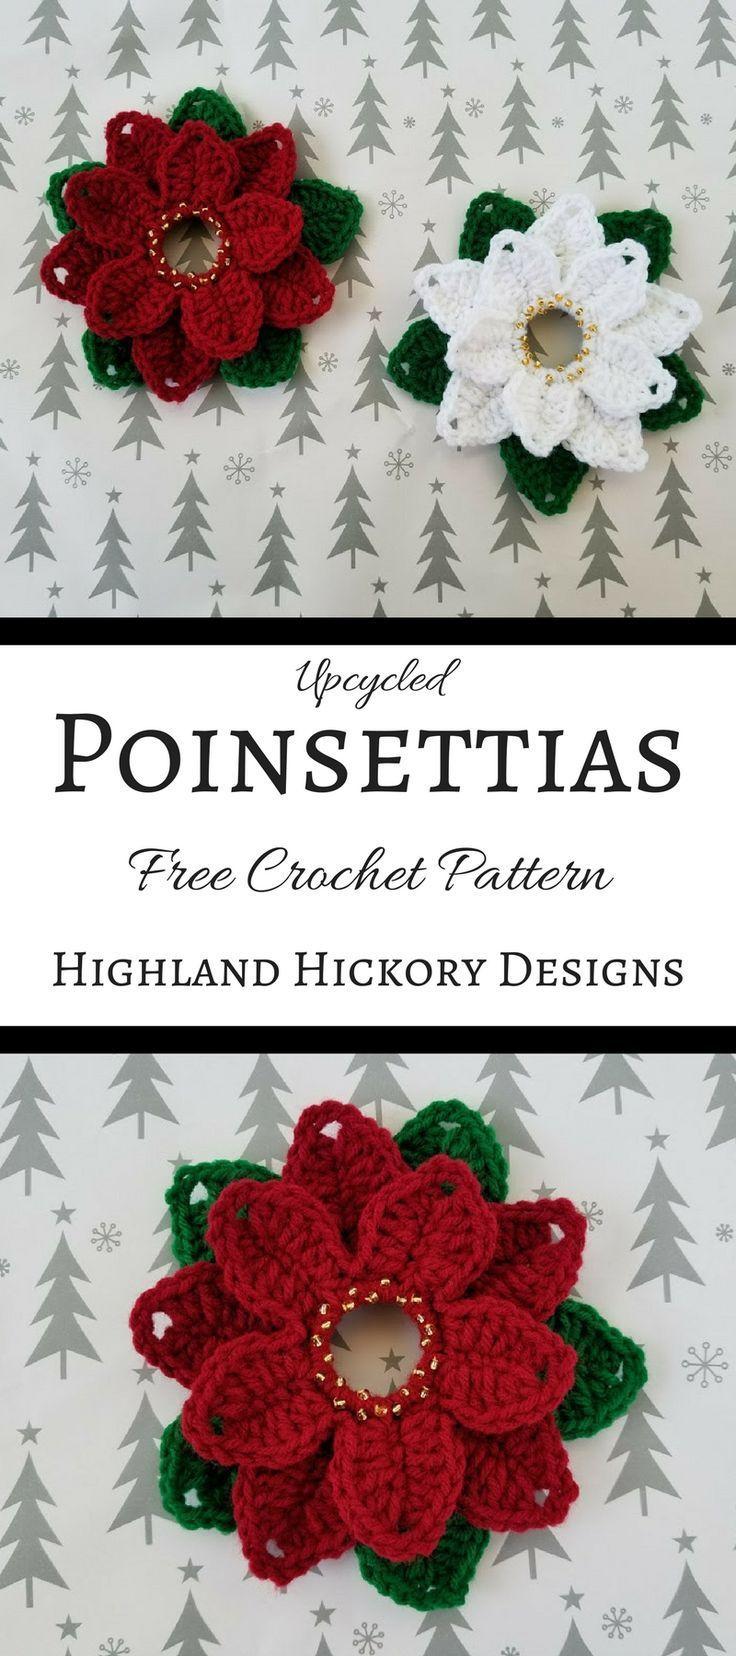 Upcycled Poinsettias | Navidad navidad dulce navidad, Como tejer y Flor